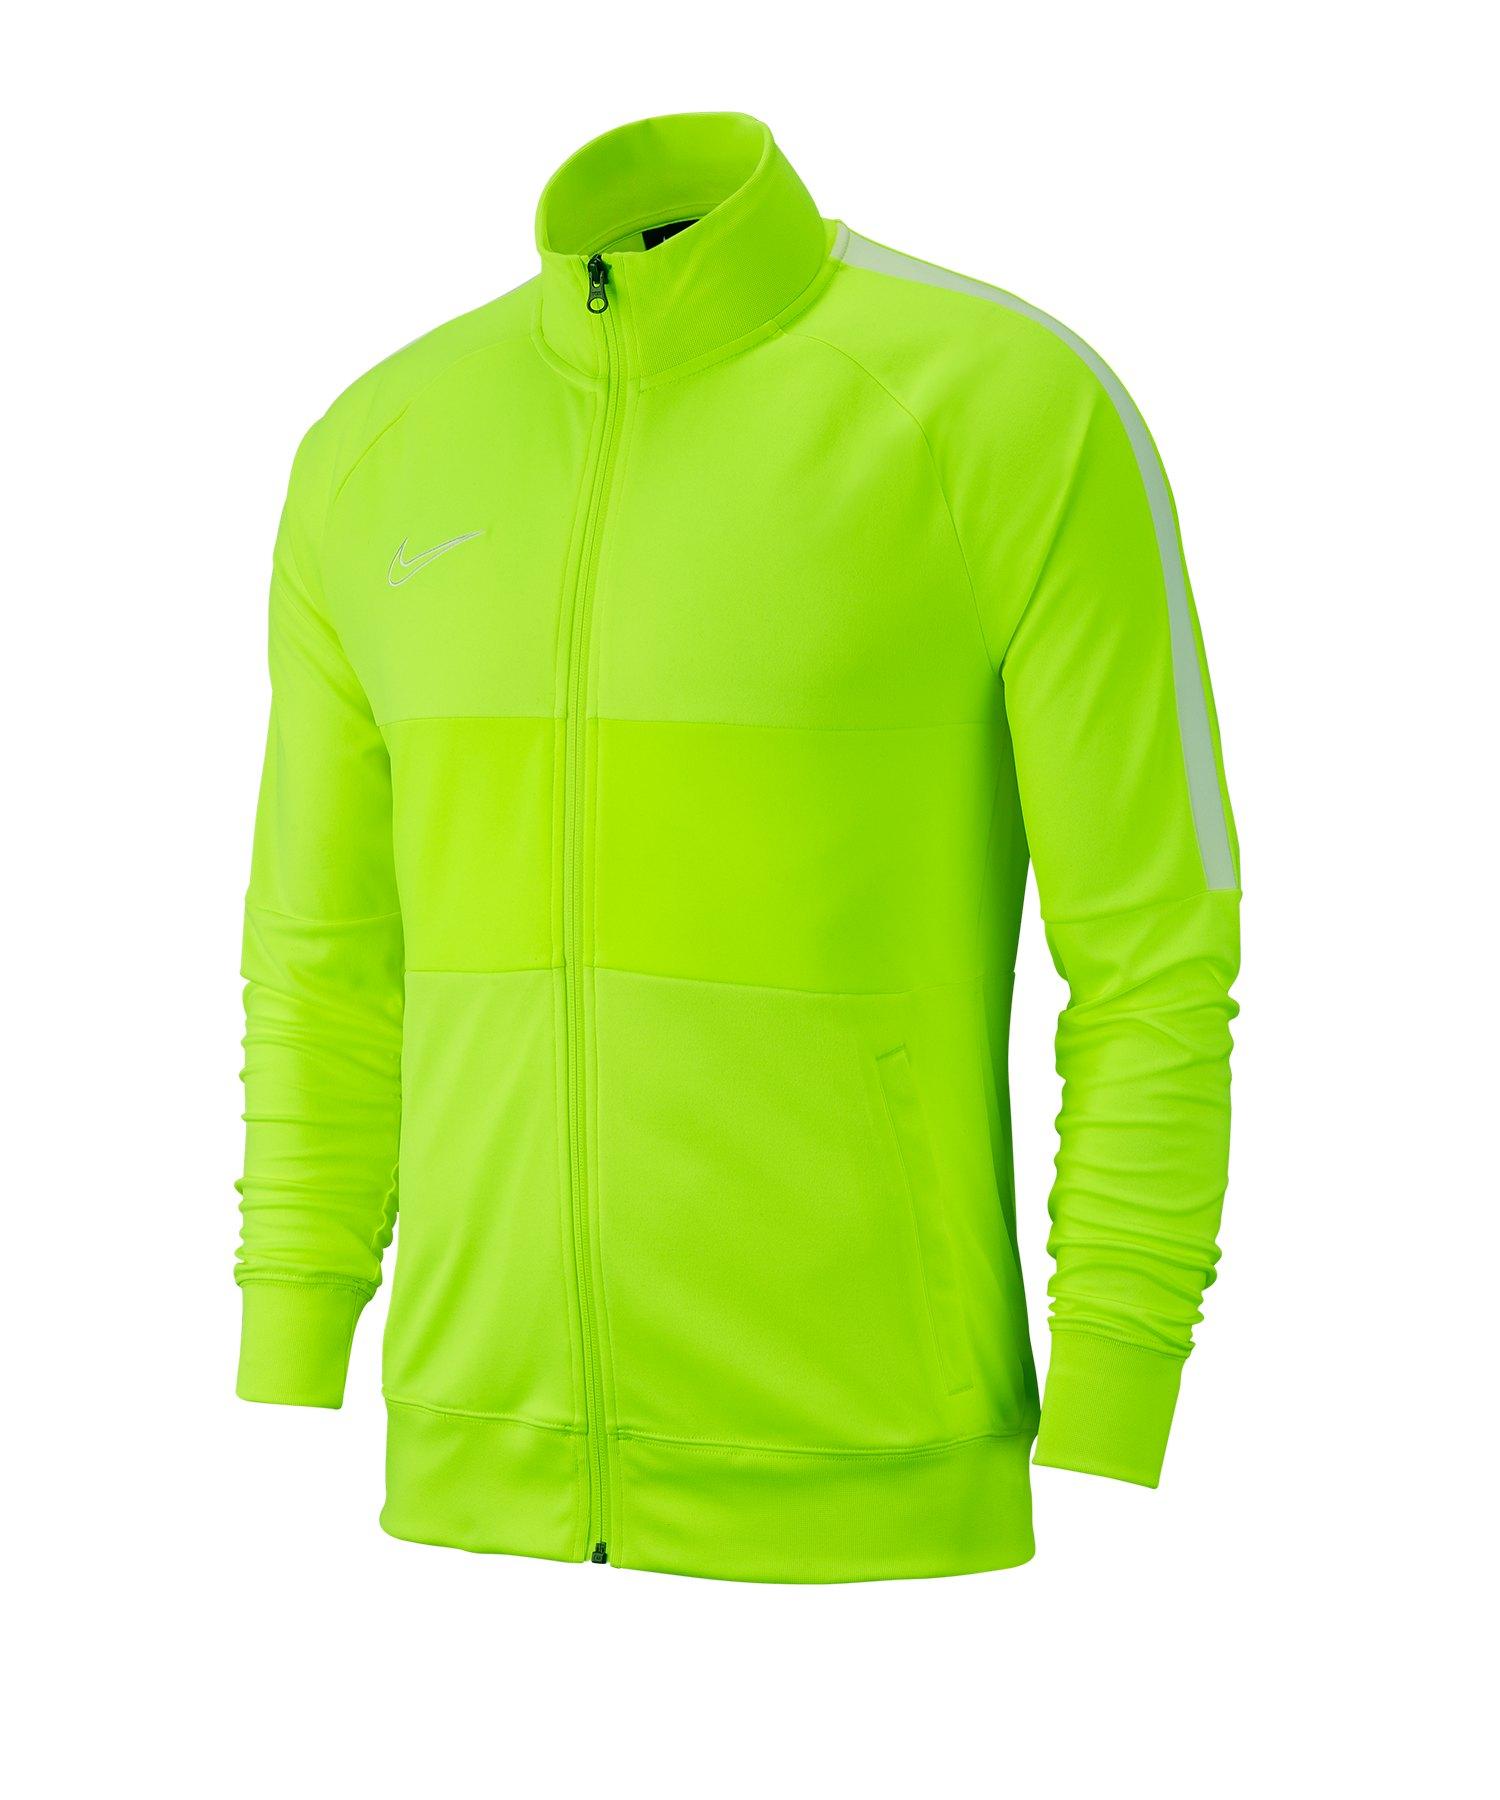 Nike Academy 19 Trainingsjacke Gelb F702 - gelb